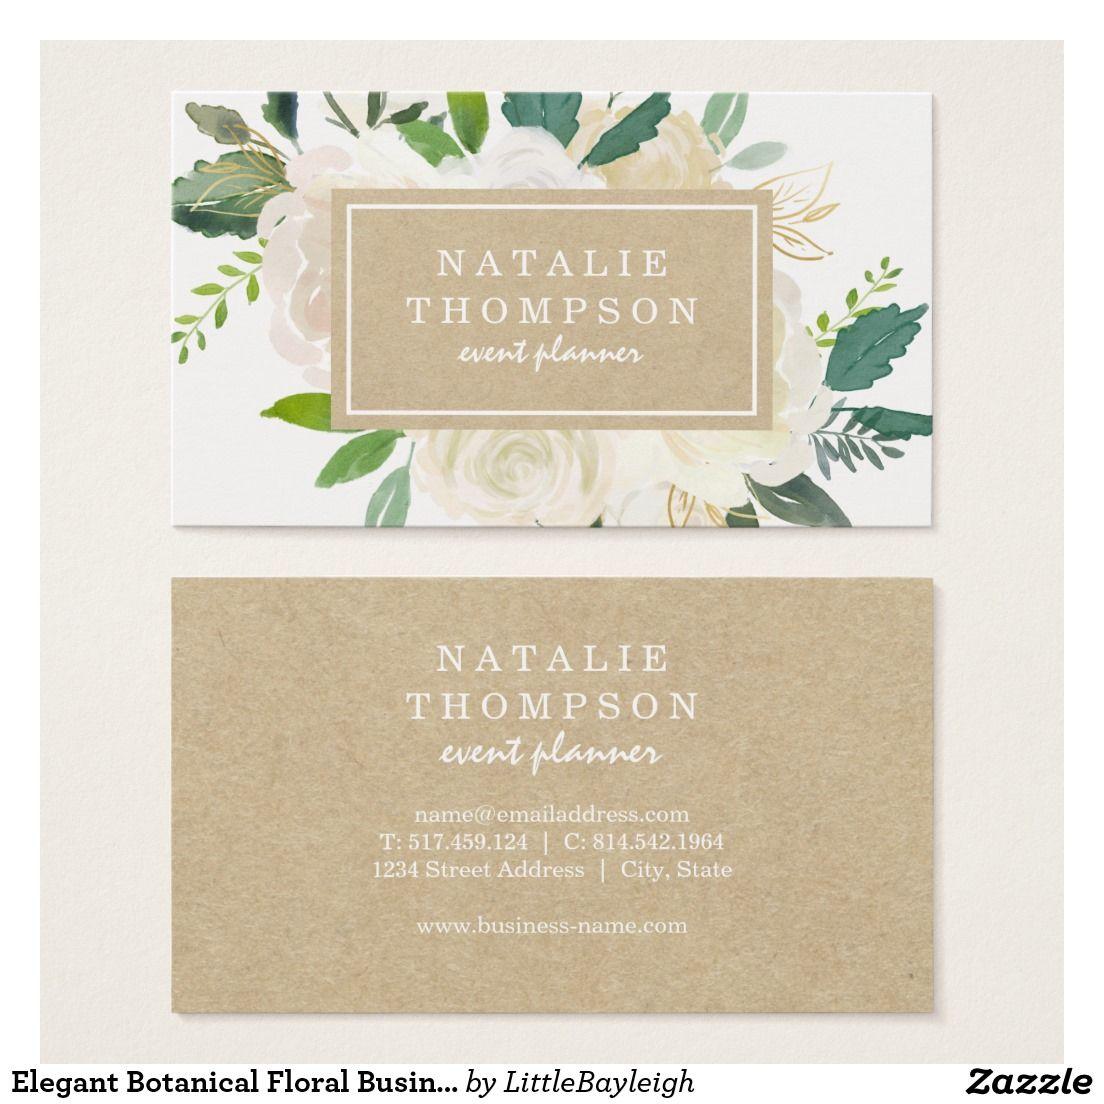 Elegant Botanical Floral Business Card | Business cards, Elegant and ...